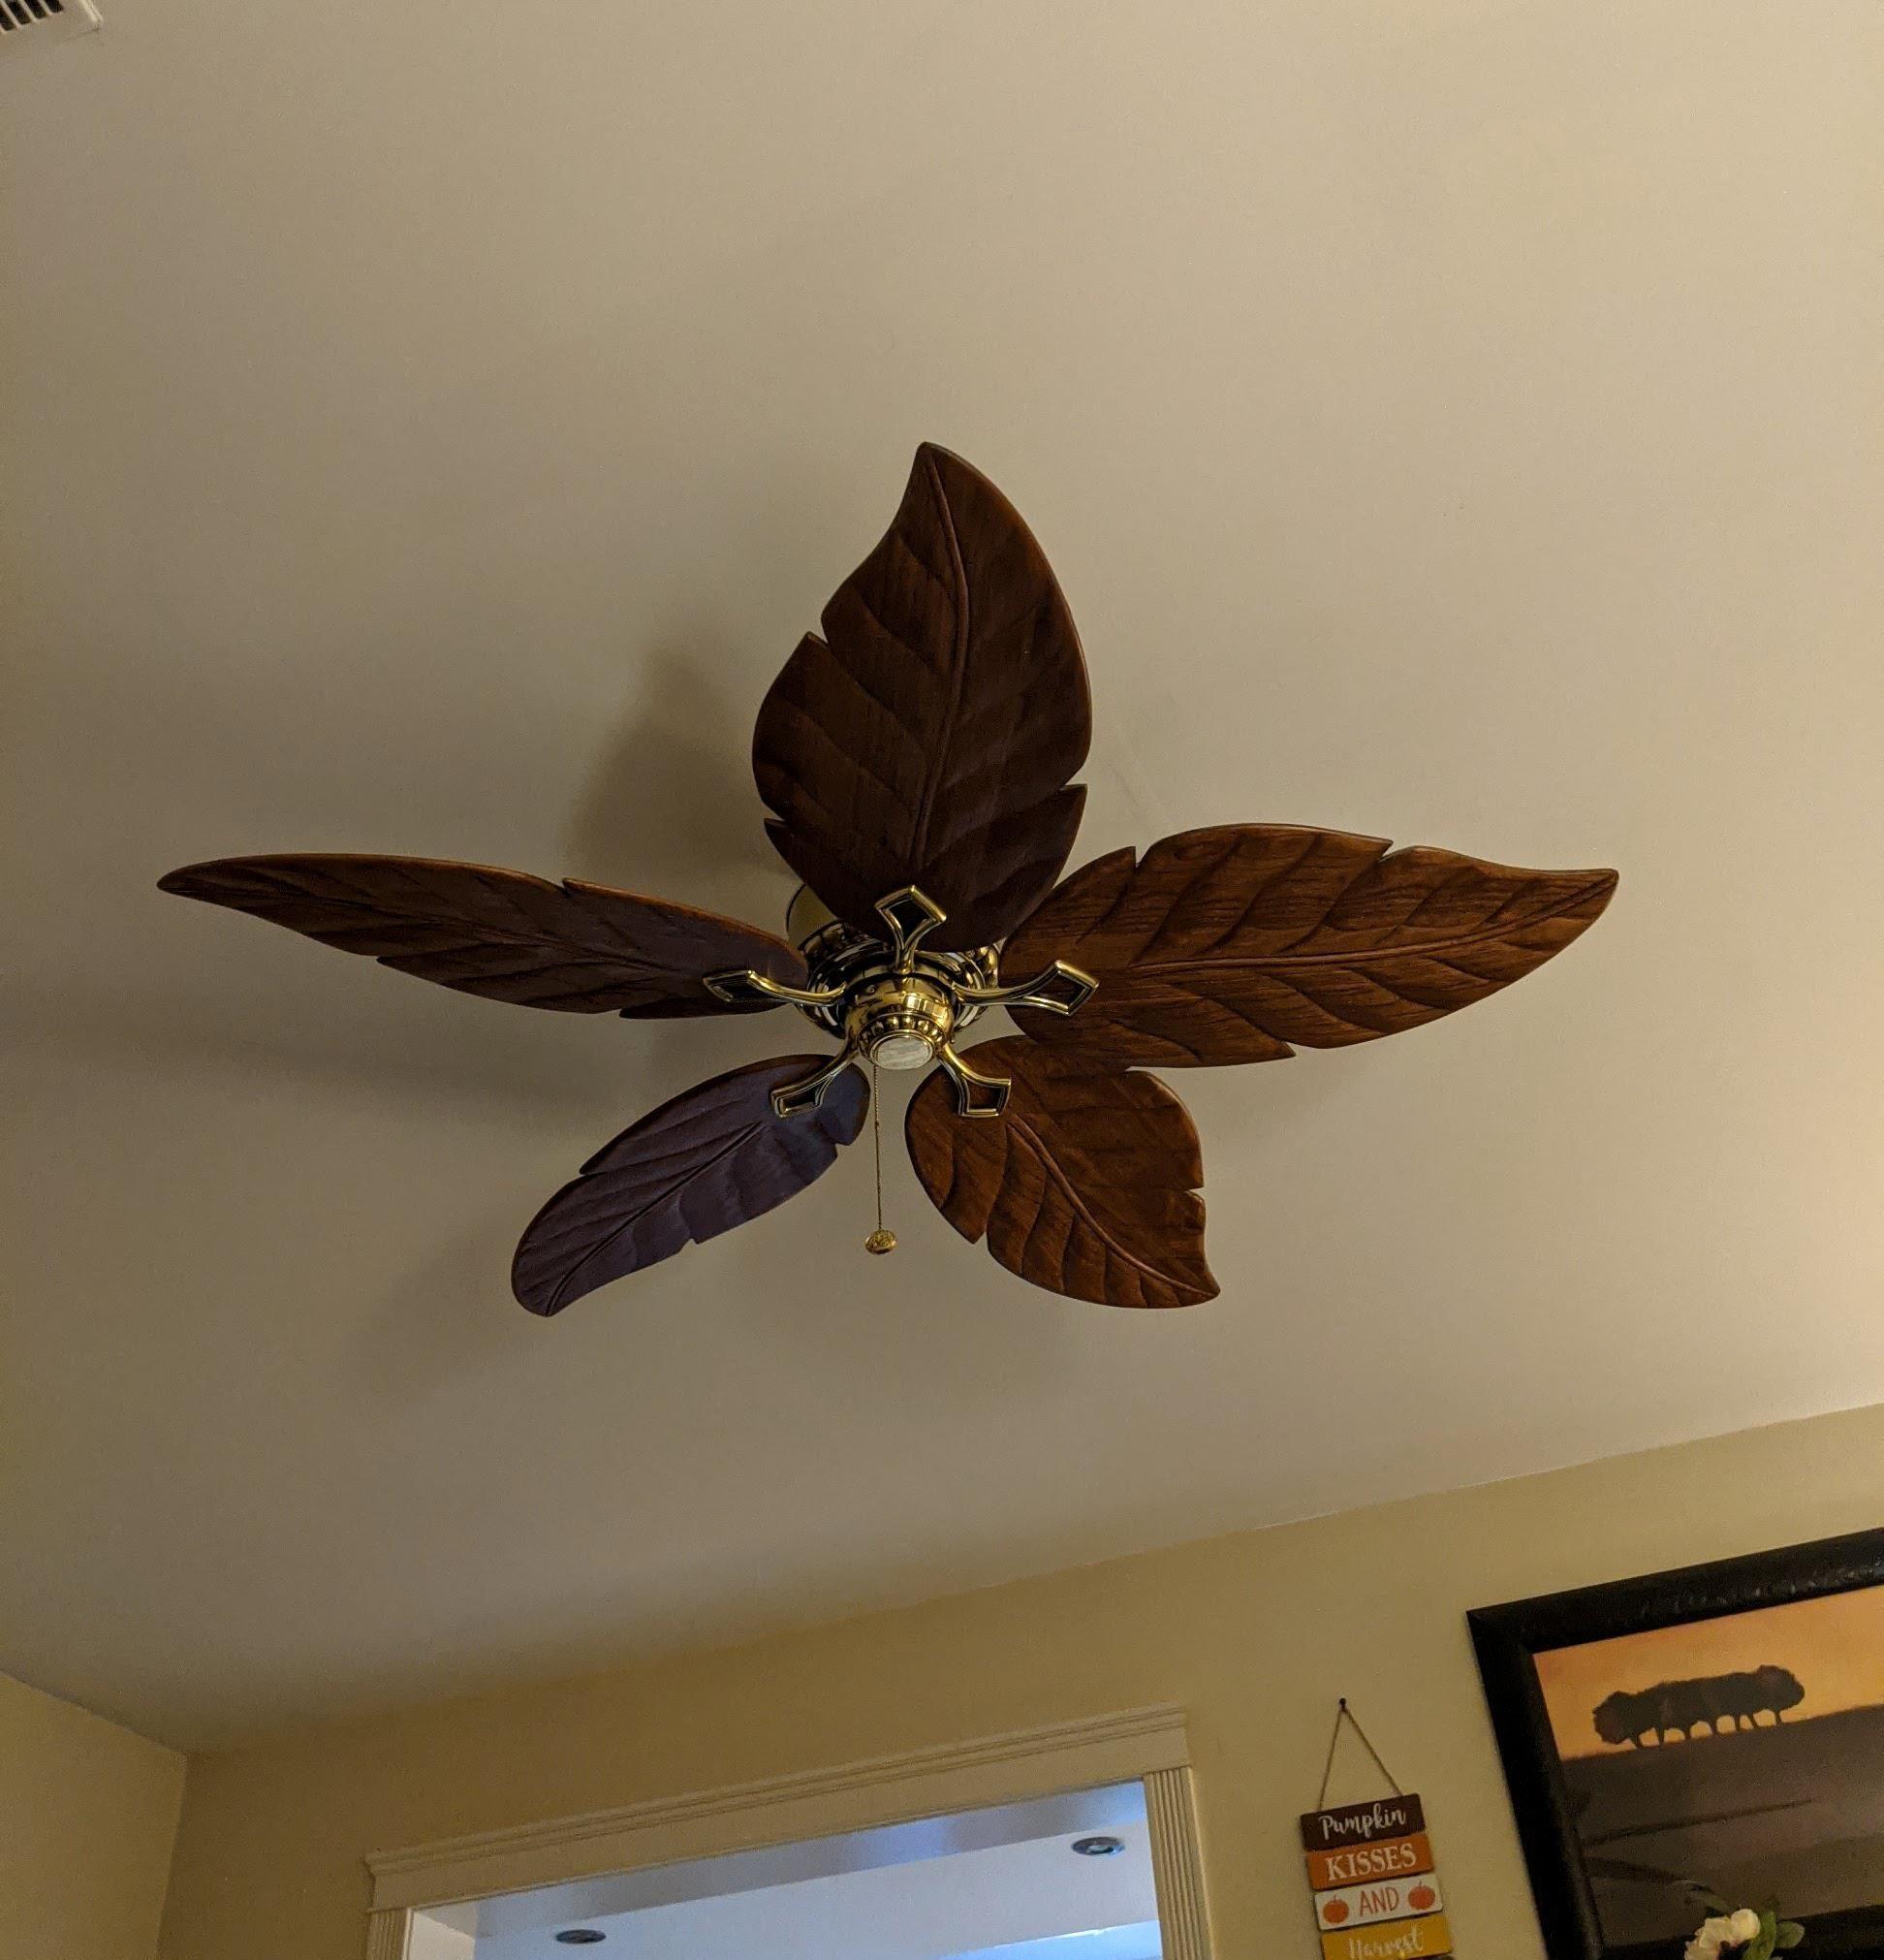 My girlfriend's ceiling fan is also a leaf blower.